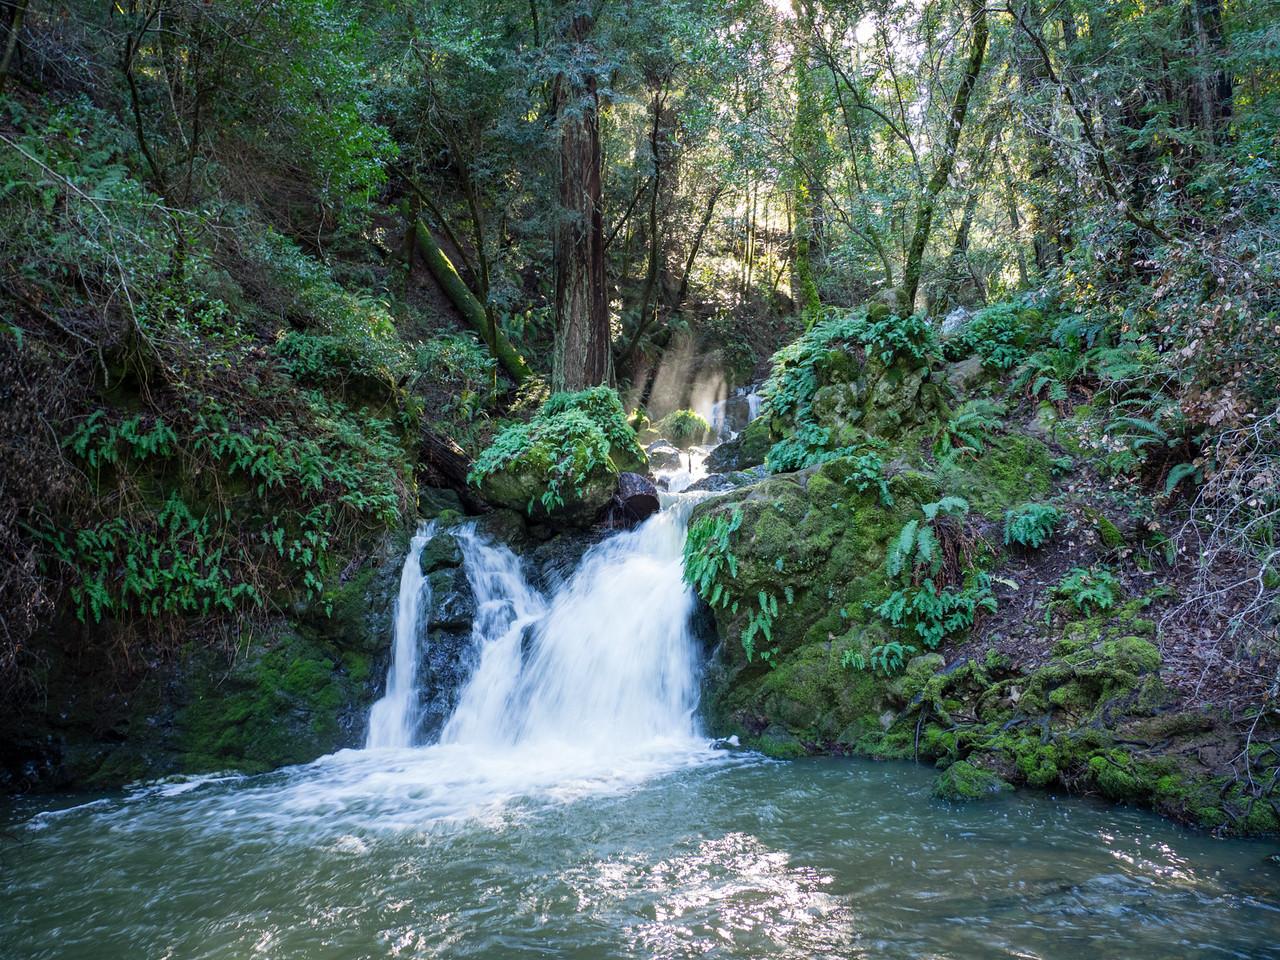 Cataract Falls